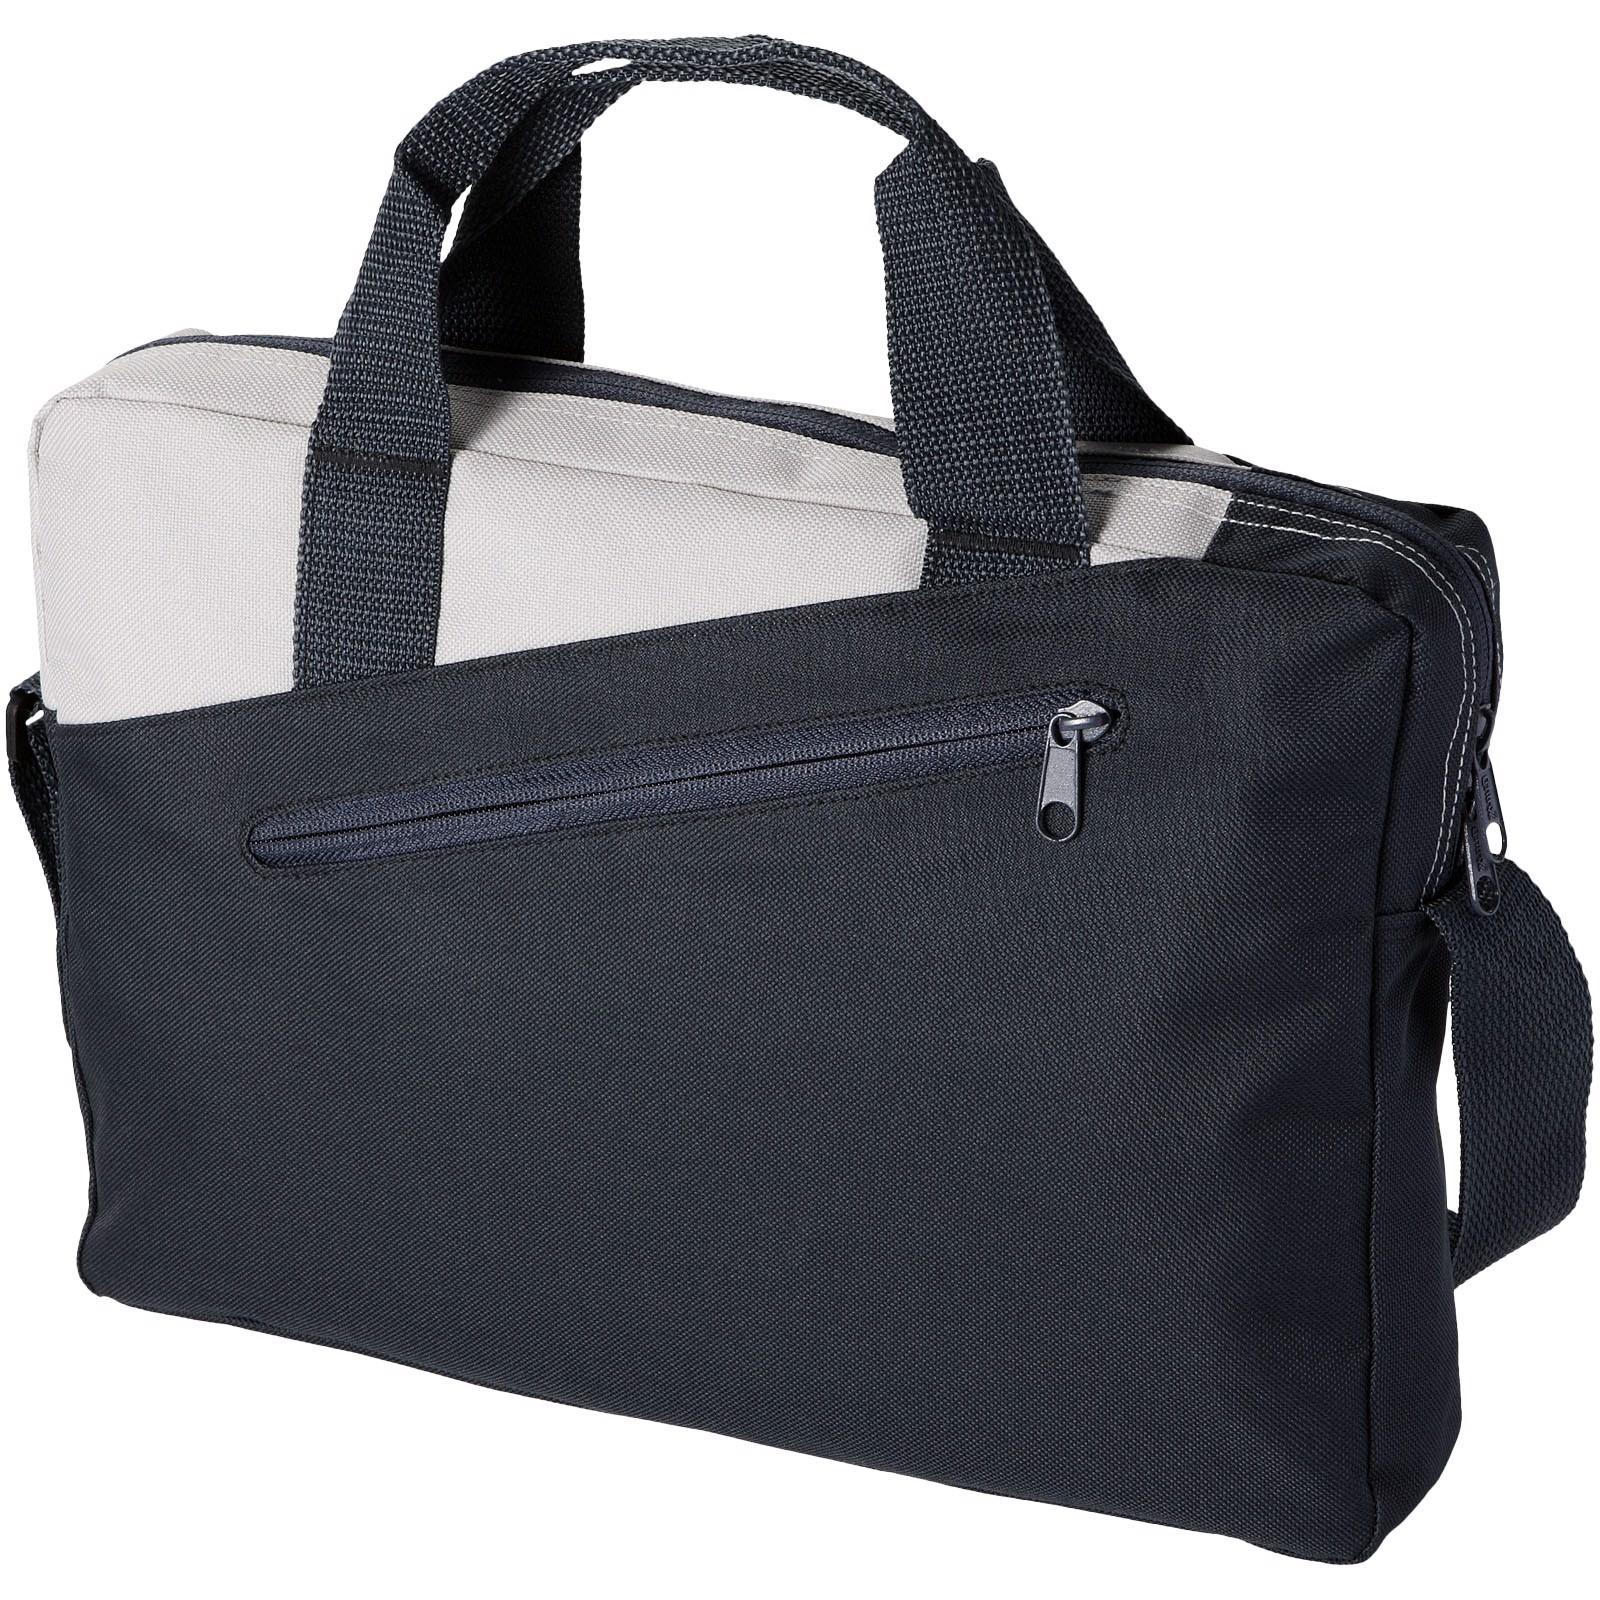 Konferenční taška Portland - Charcoal / Větle šedá